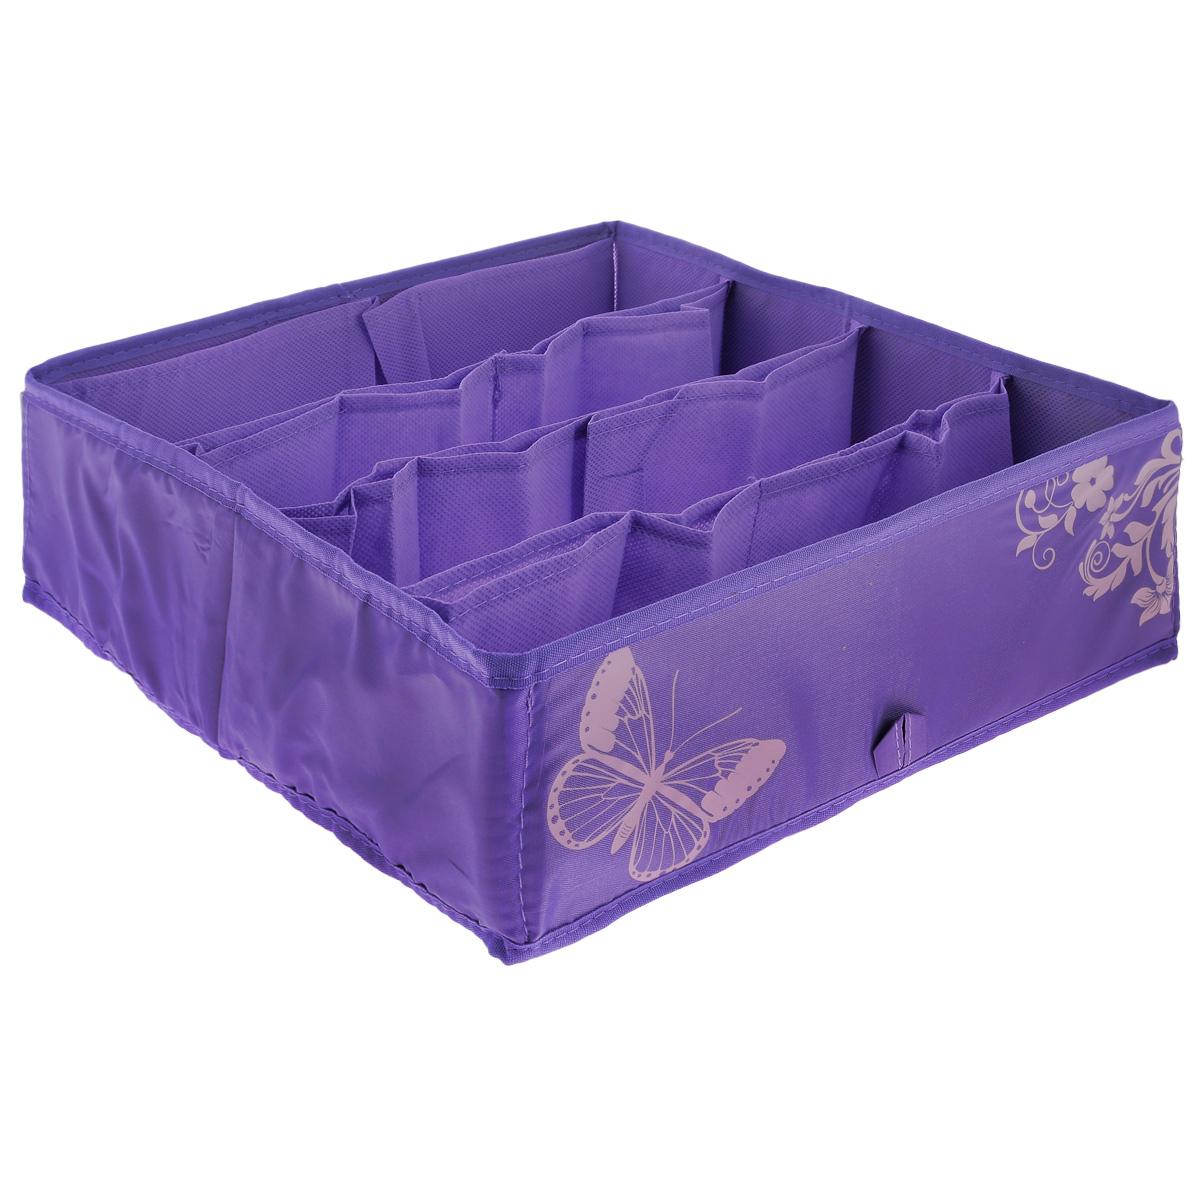 """Коробка-органайзер Hausmann """"Butterfly"""", для хранения нижнего белья, цвет: фиолетовый, 30 см х 35 см х 11 см - Интернет-гипермар"""